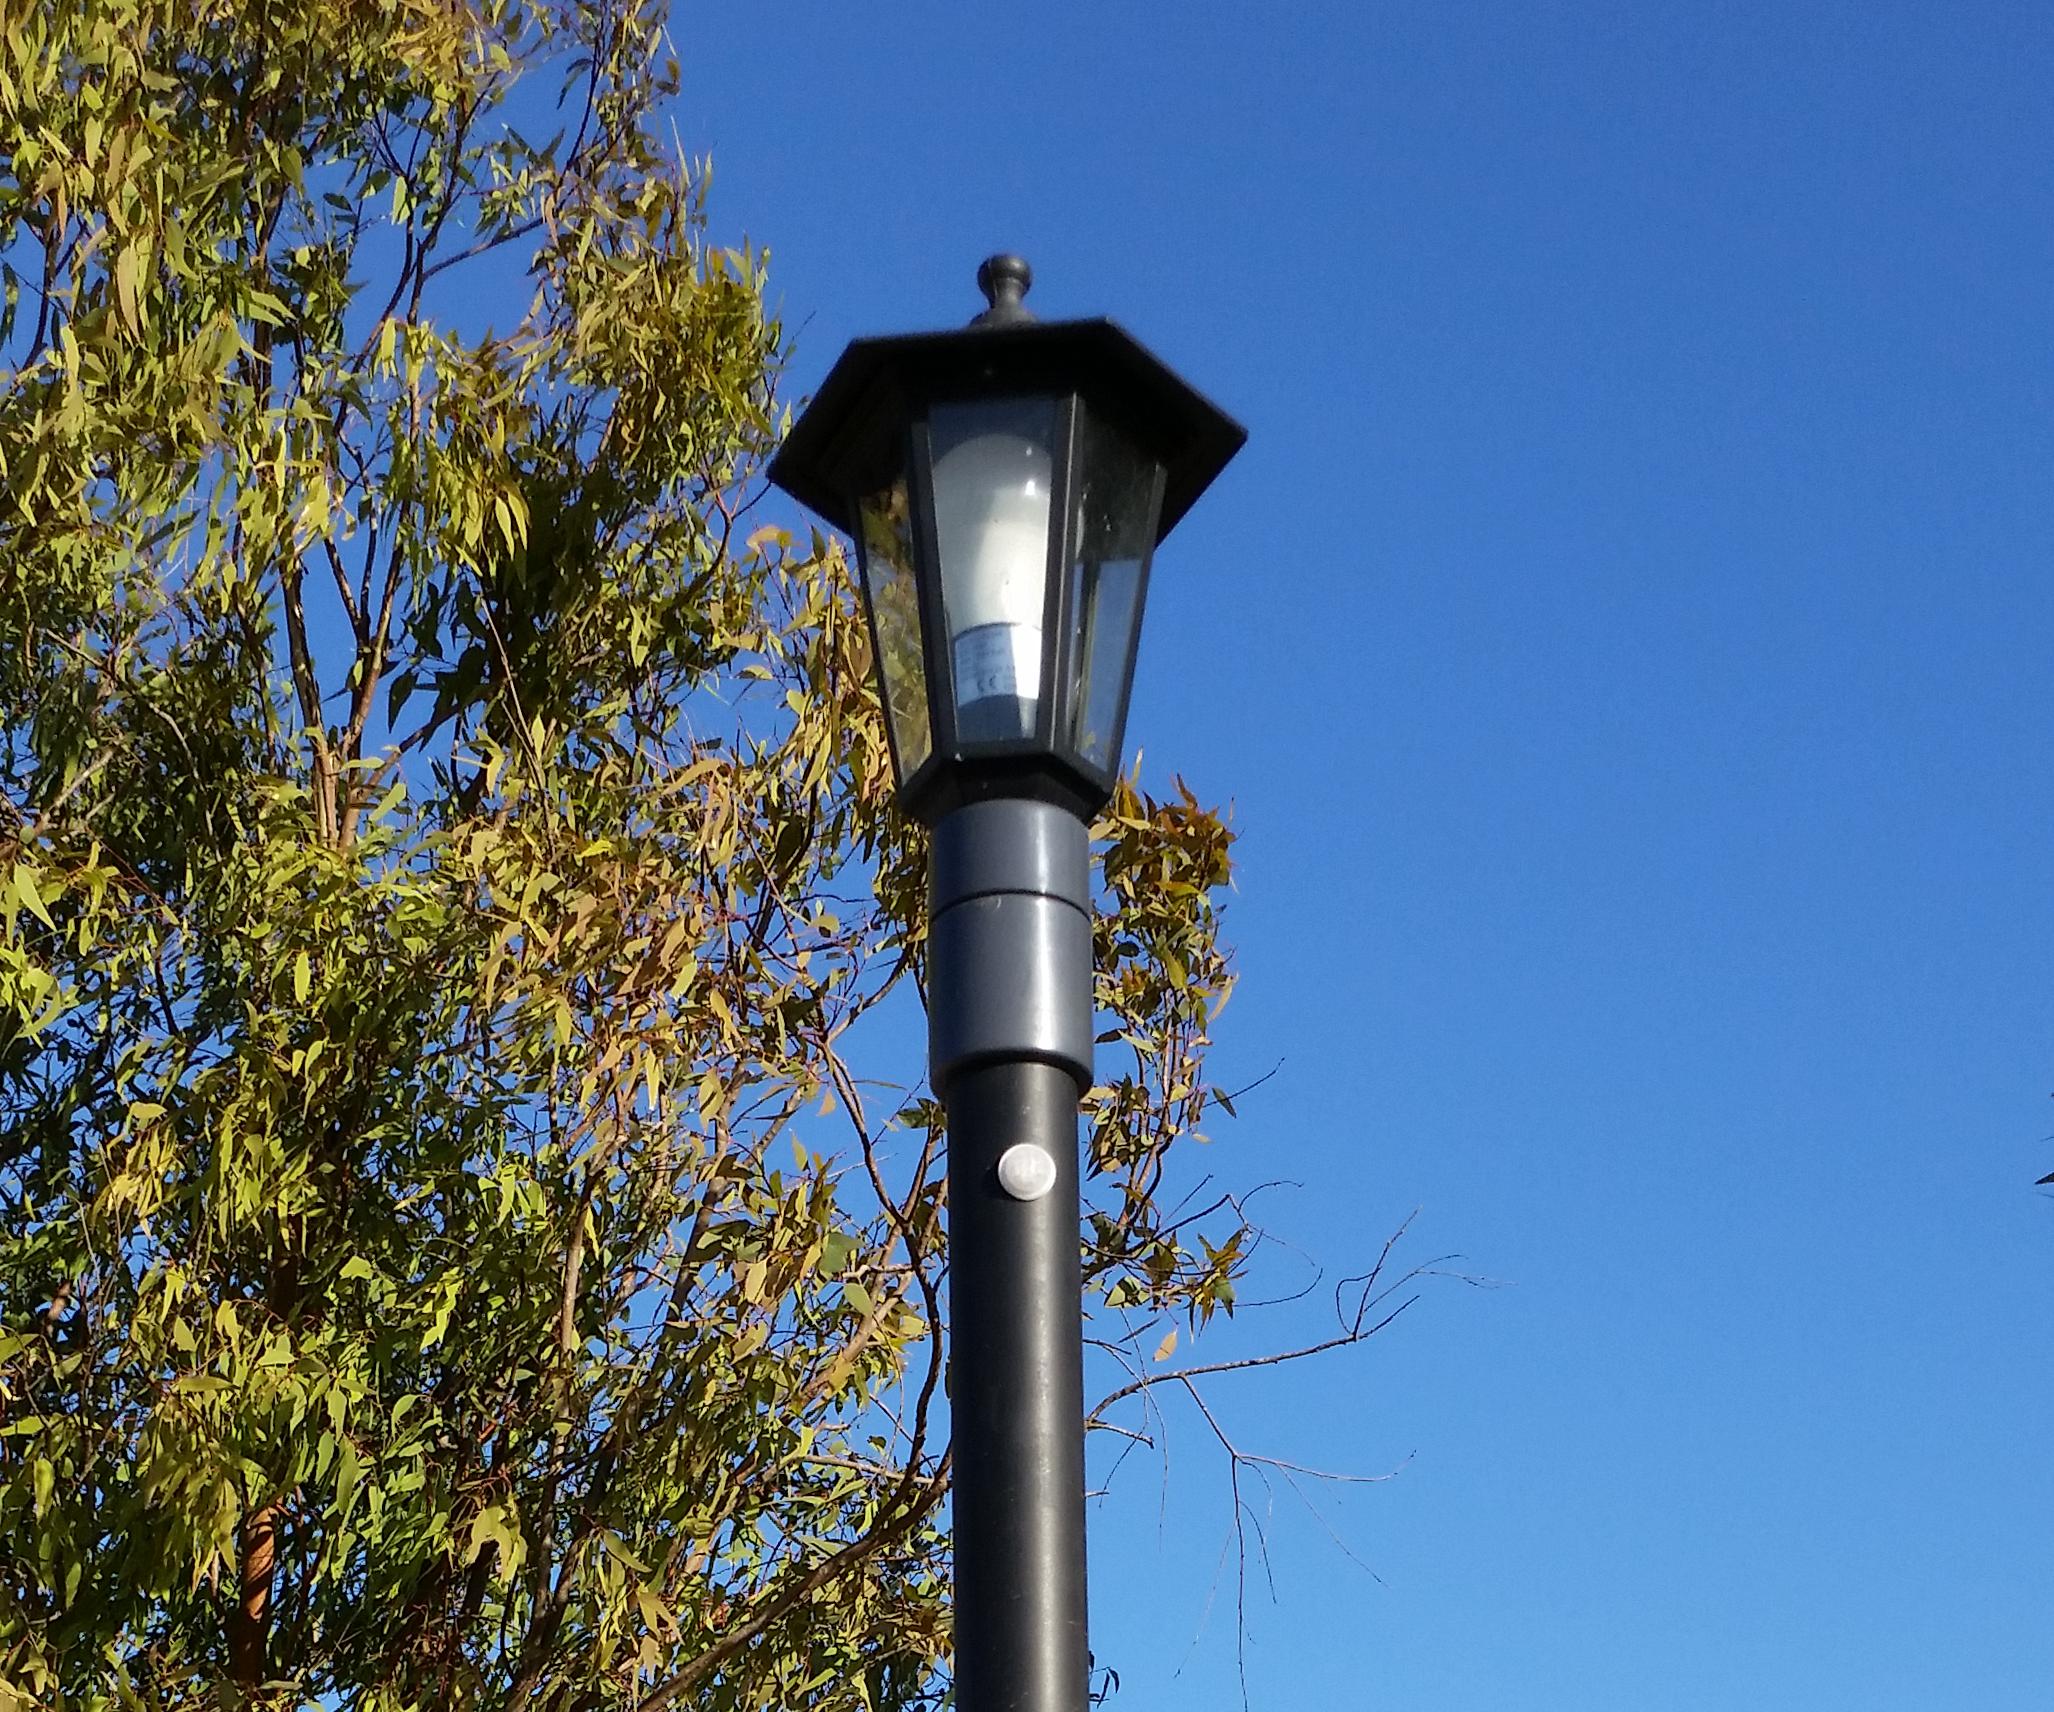 $20 Streetlamp / Streetlight